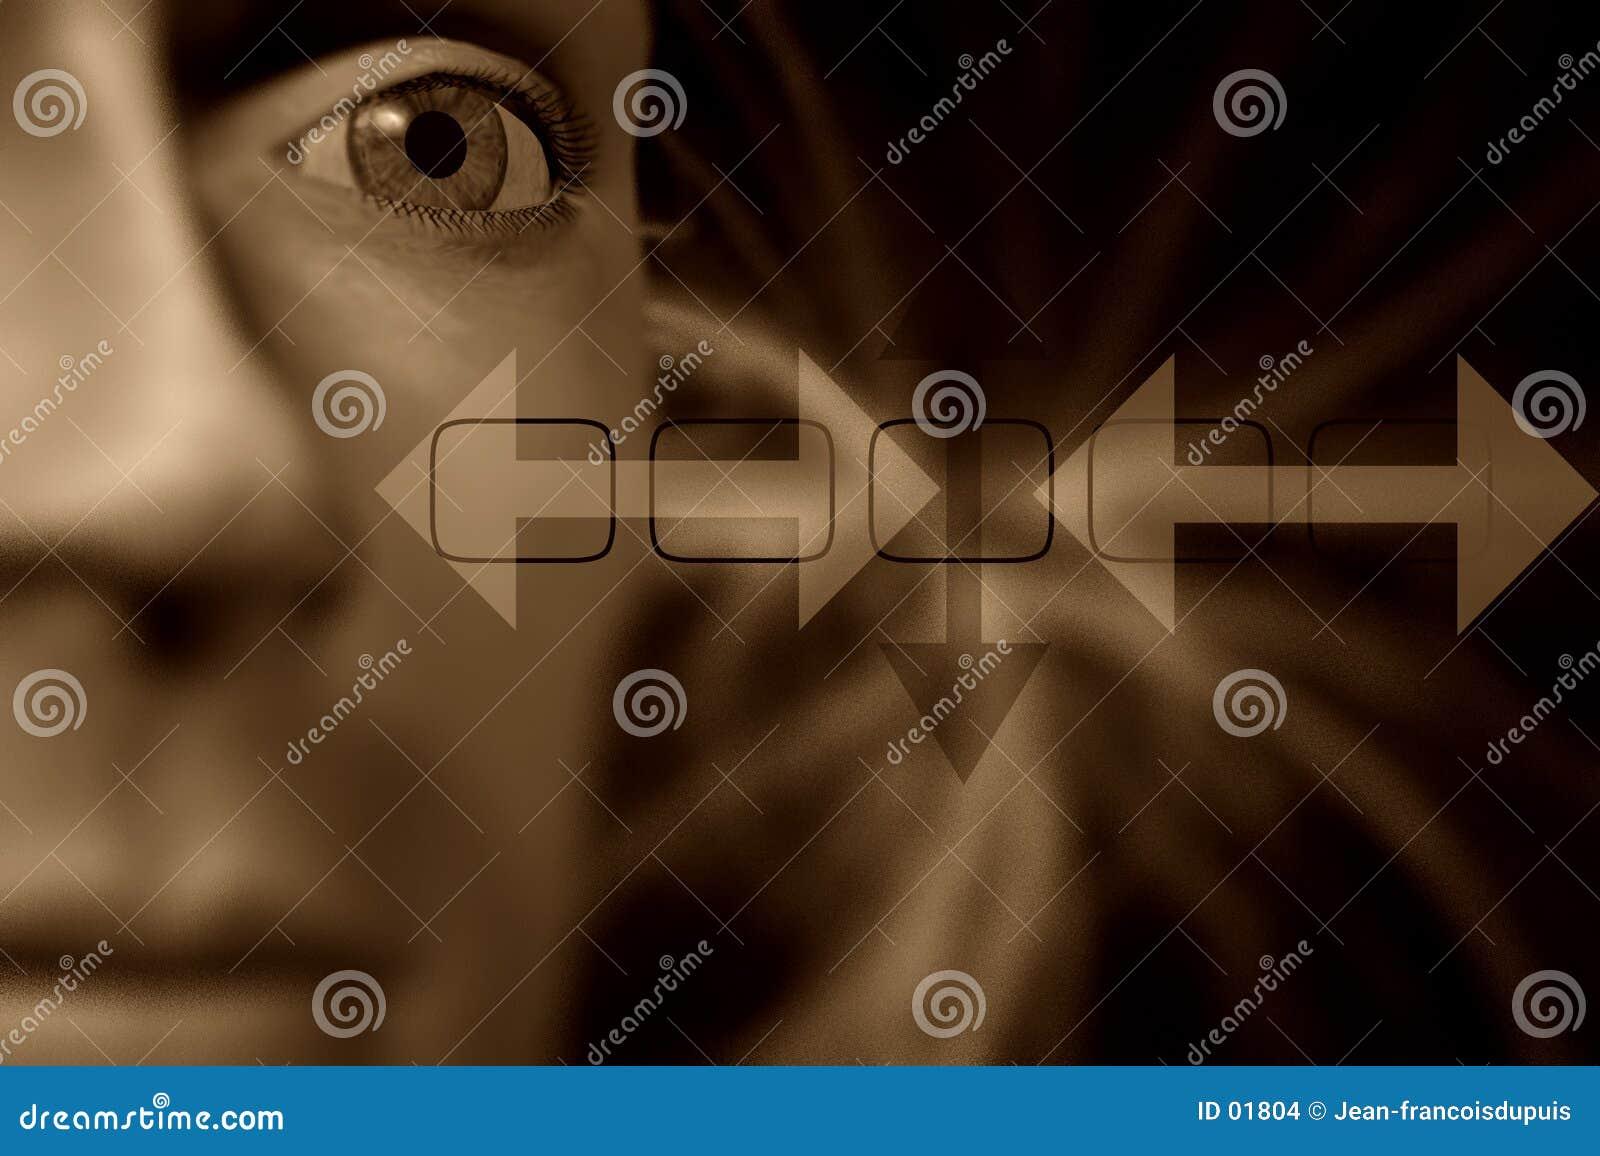 Menschlicher Kopf, Auge im Fokus